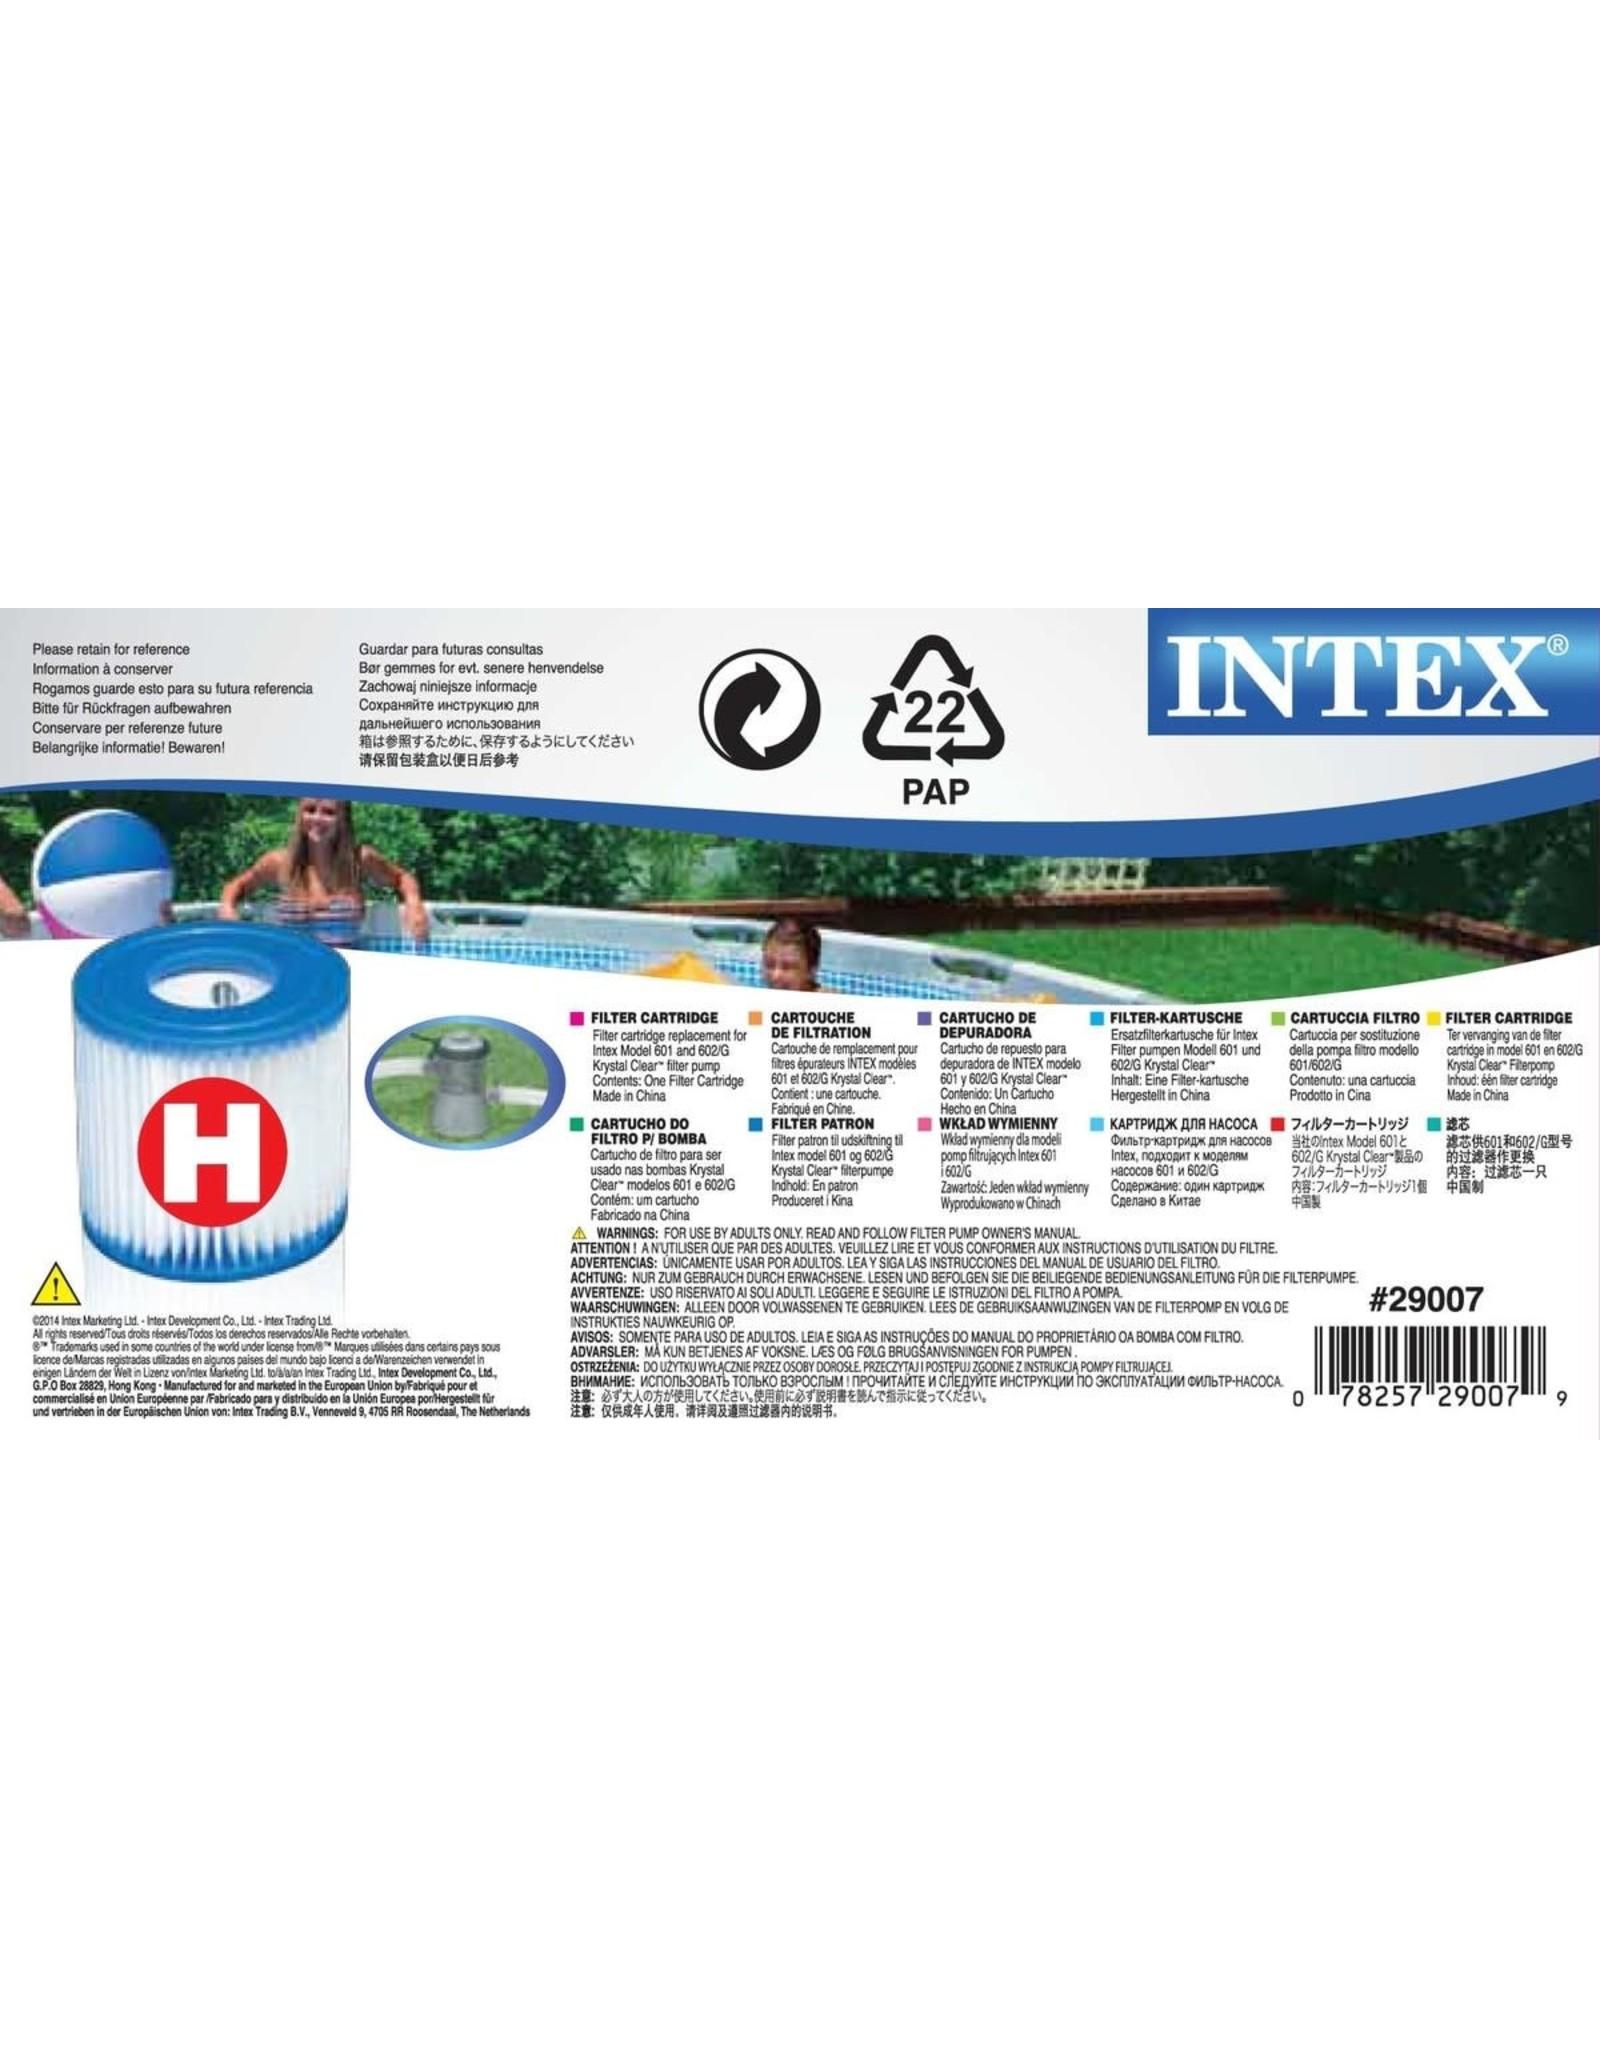 INTEX INTEX FILTER TYPE H